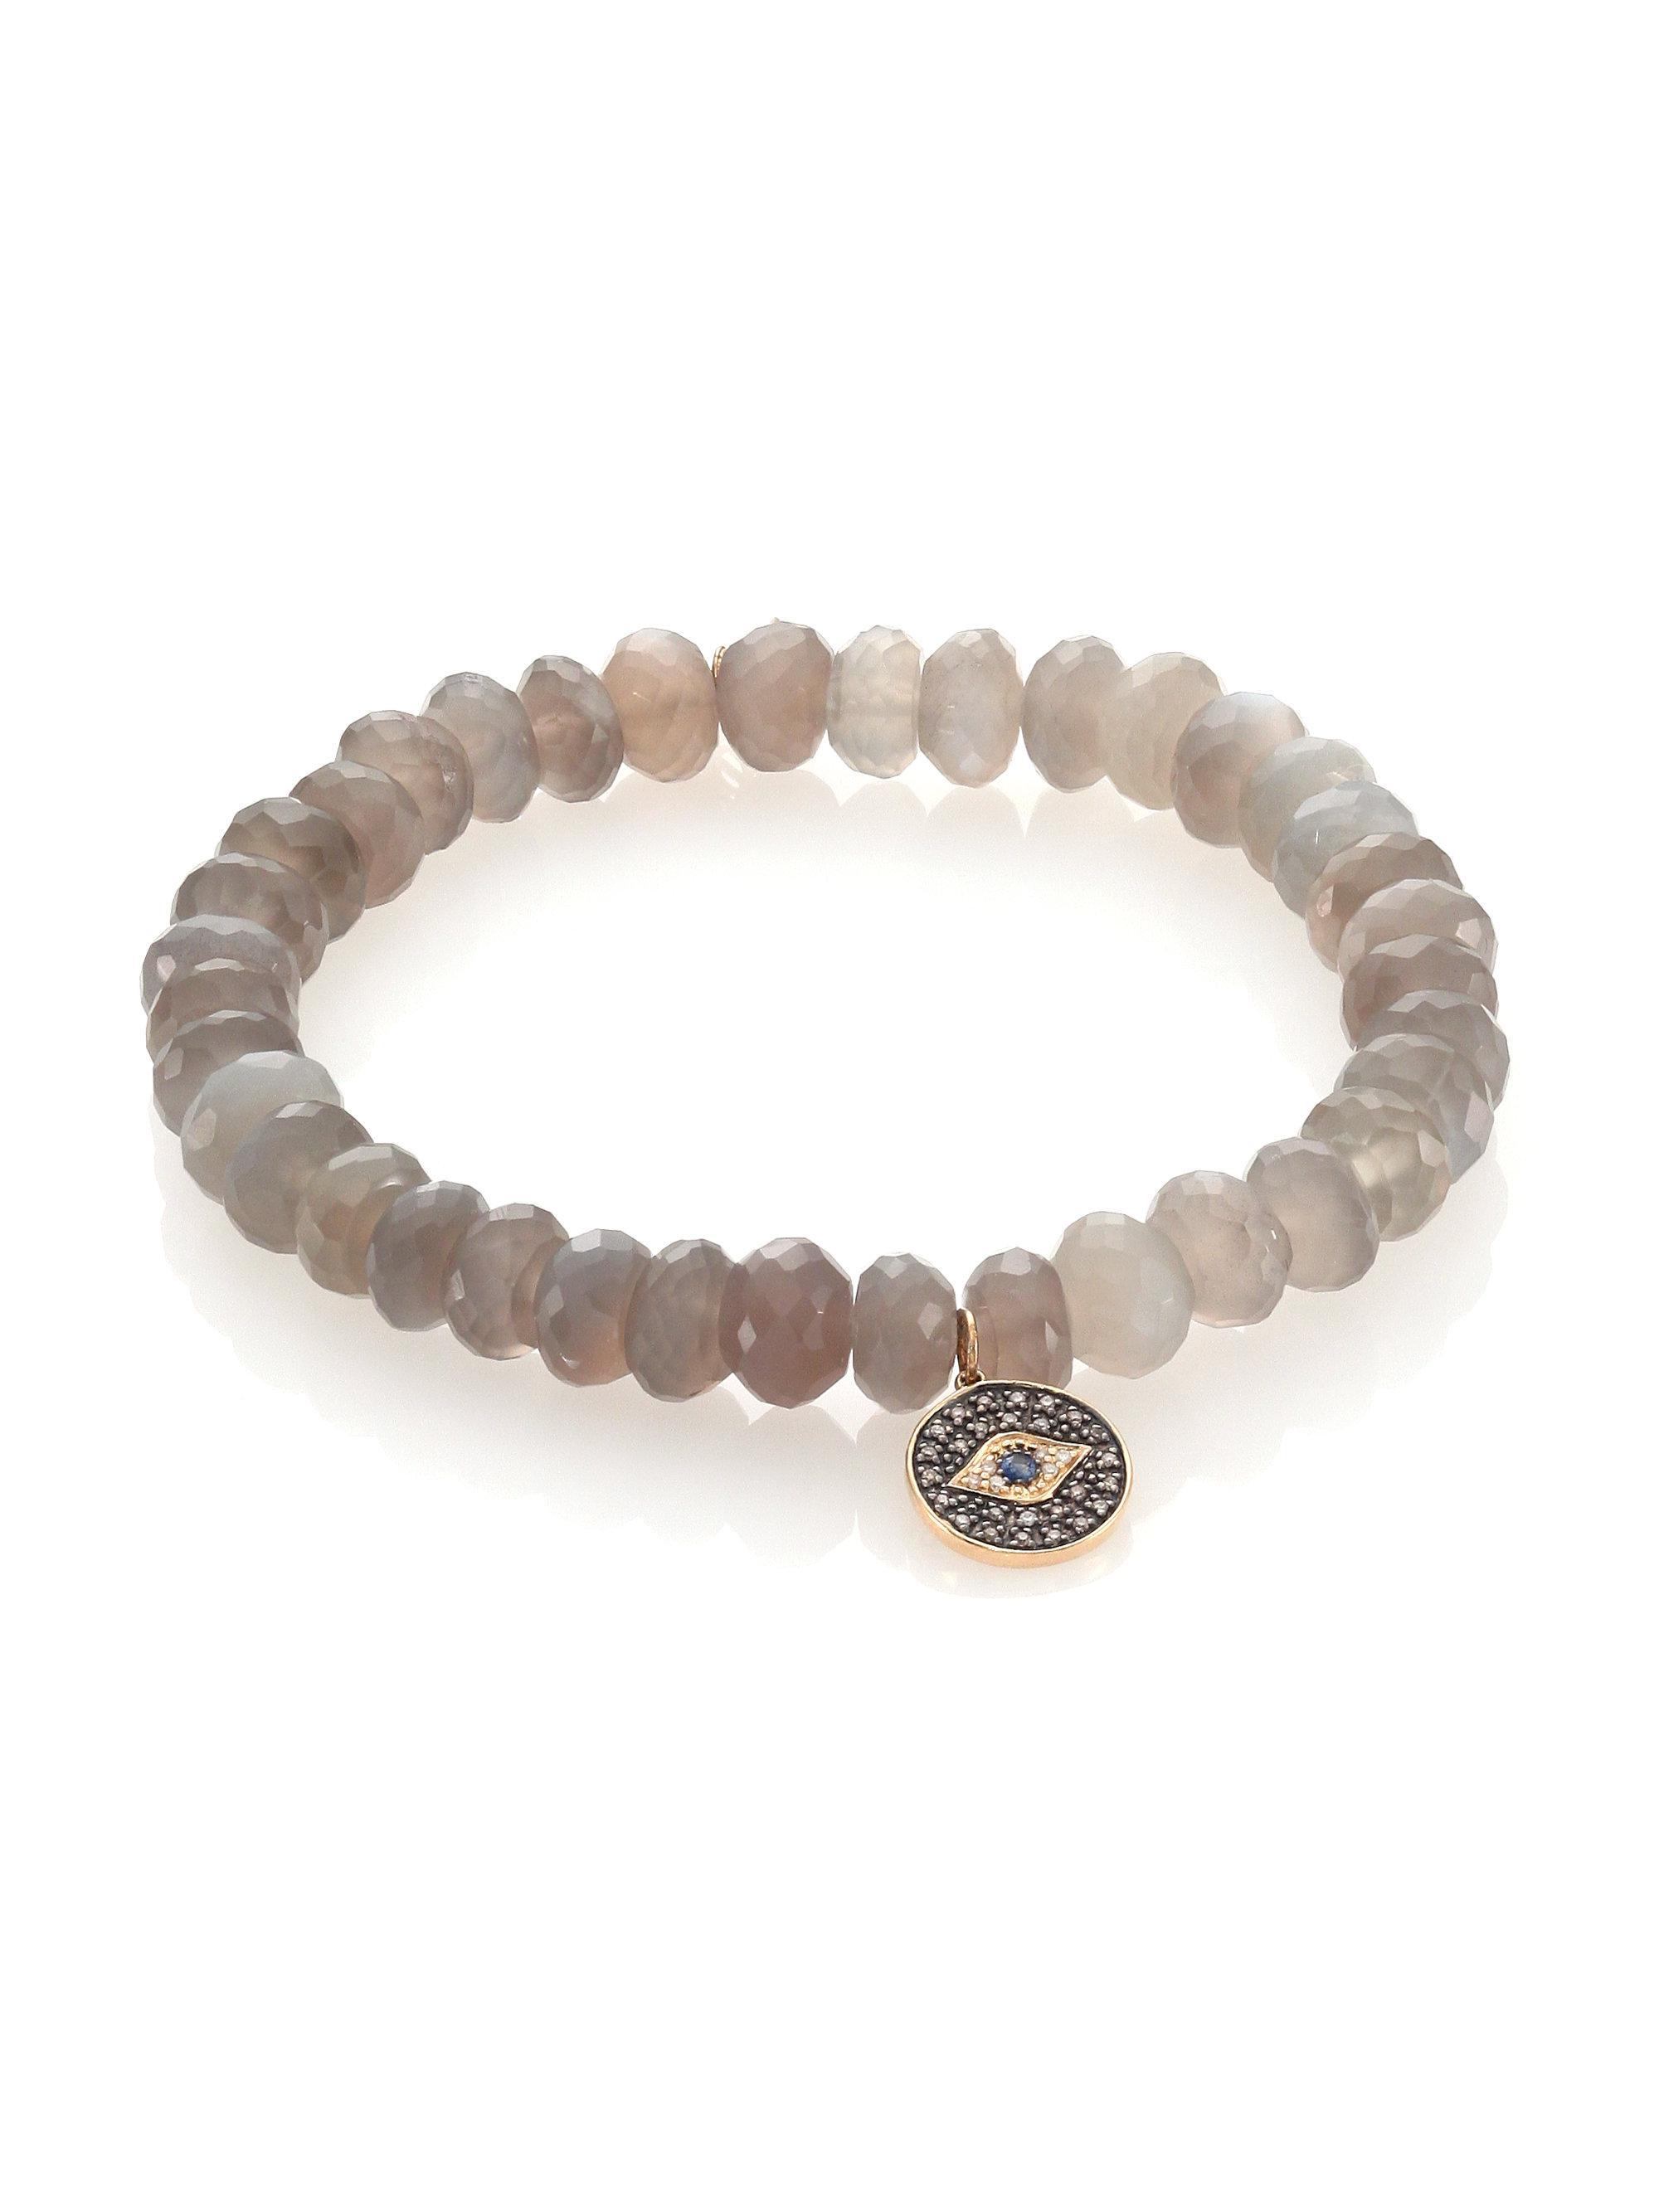 Sydney Evan Mauve Moonstone Bead Bracelet w/ 14k XO Charm rJTME